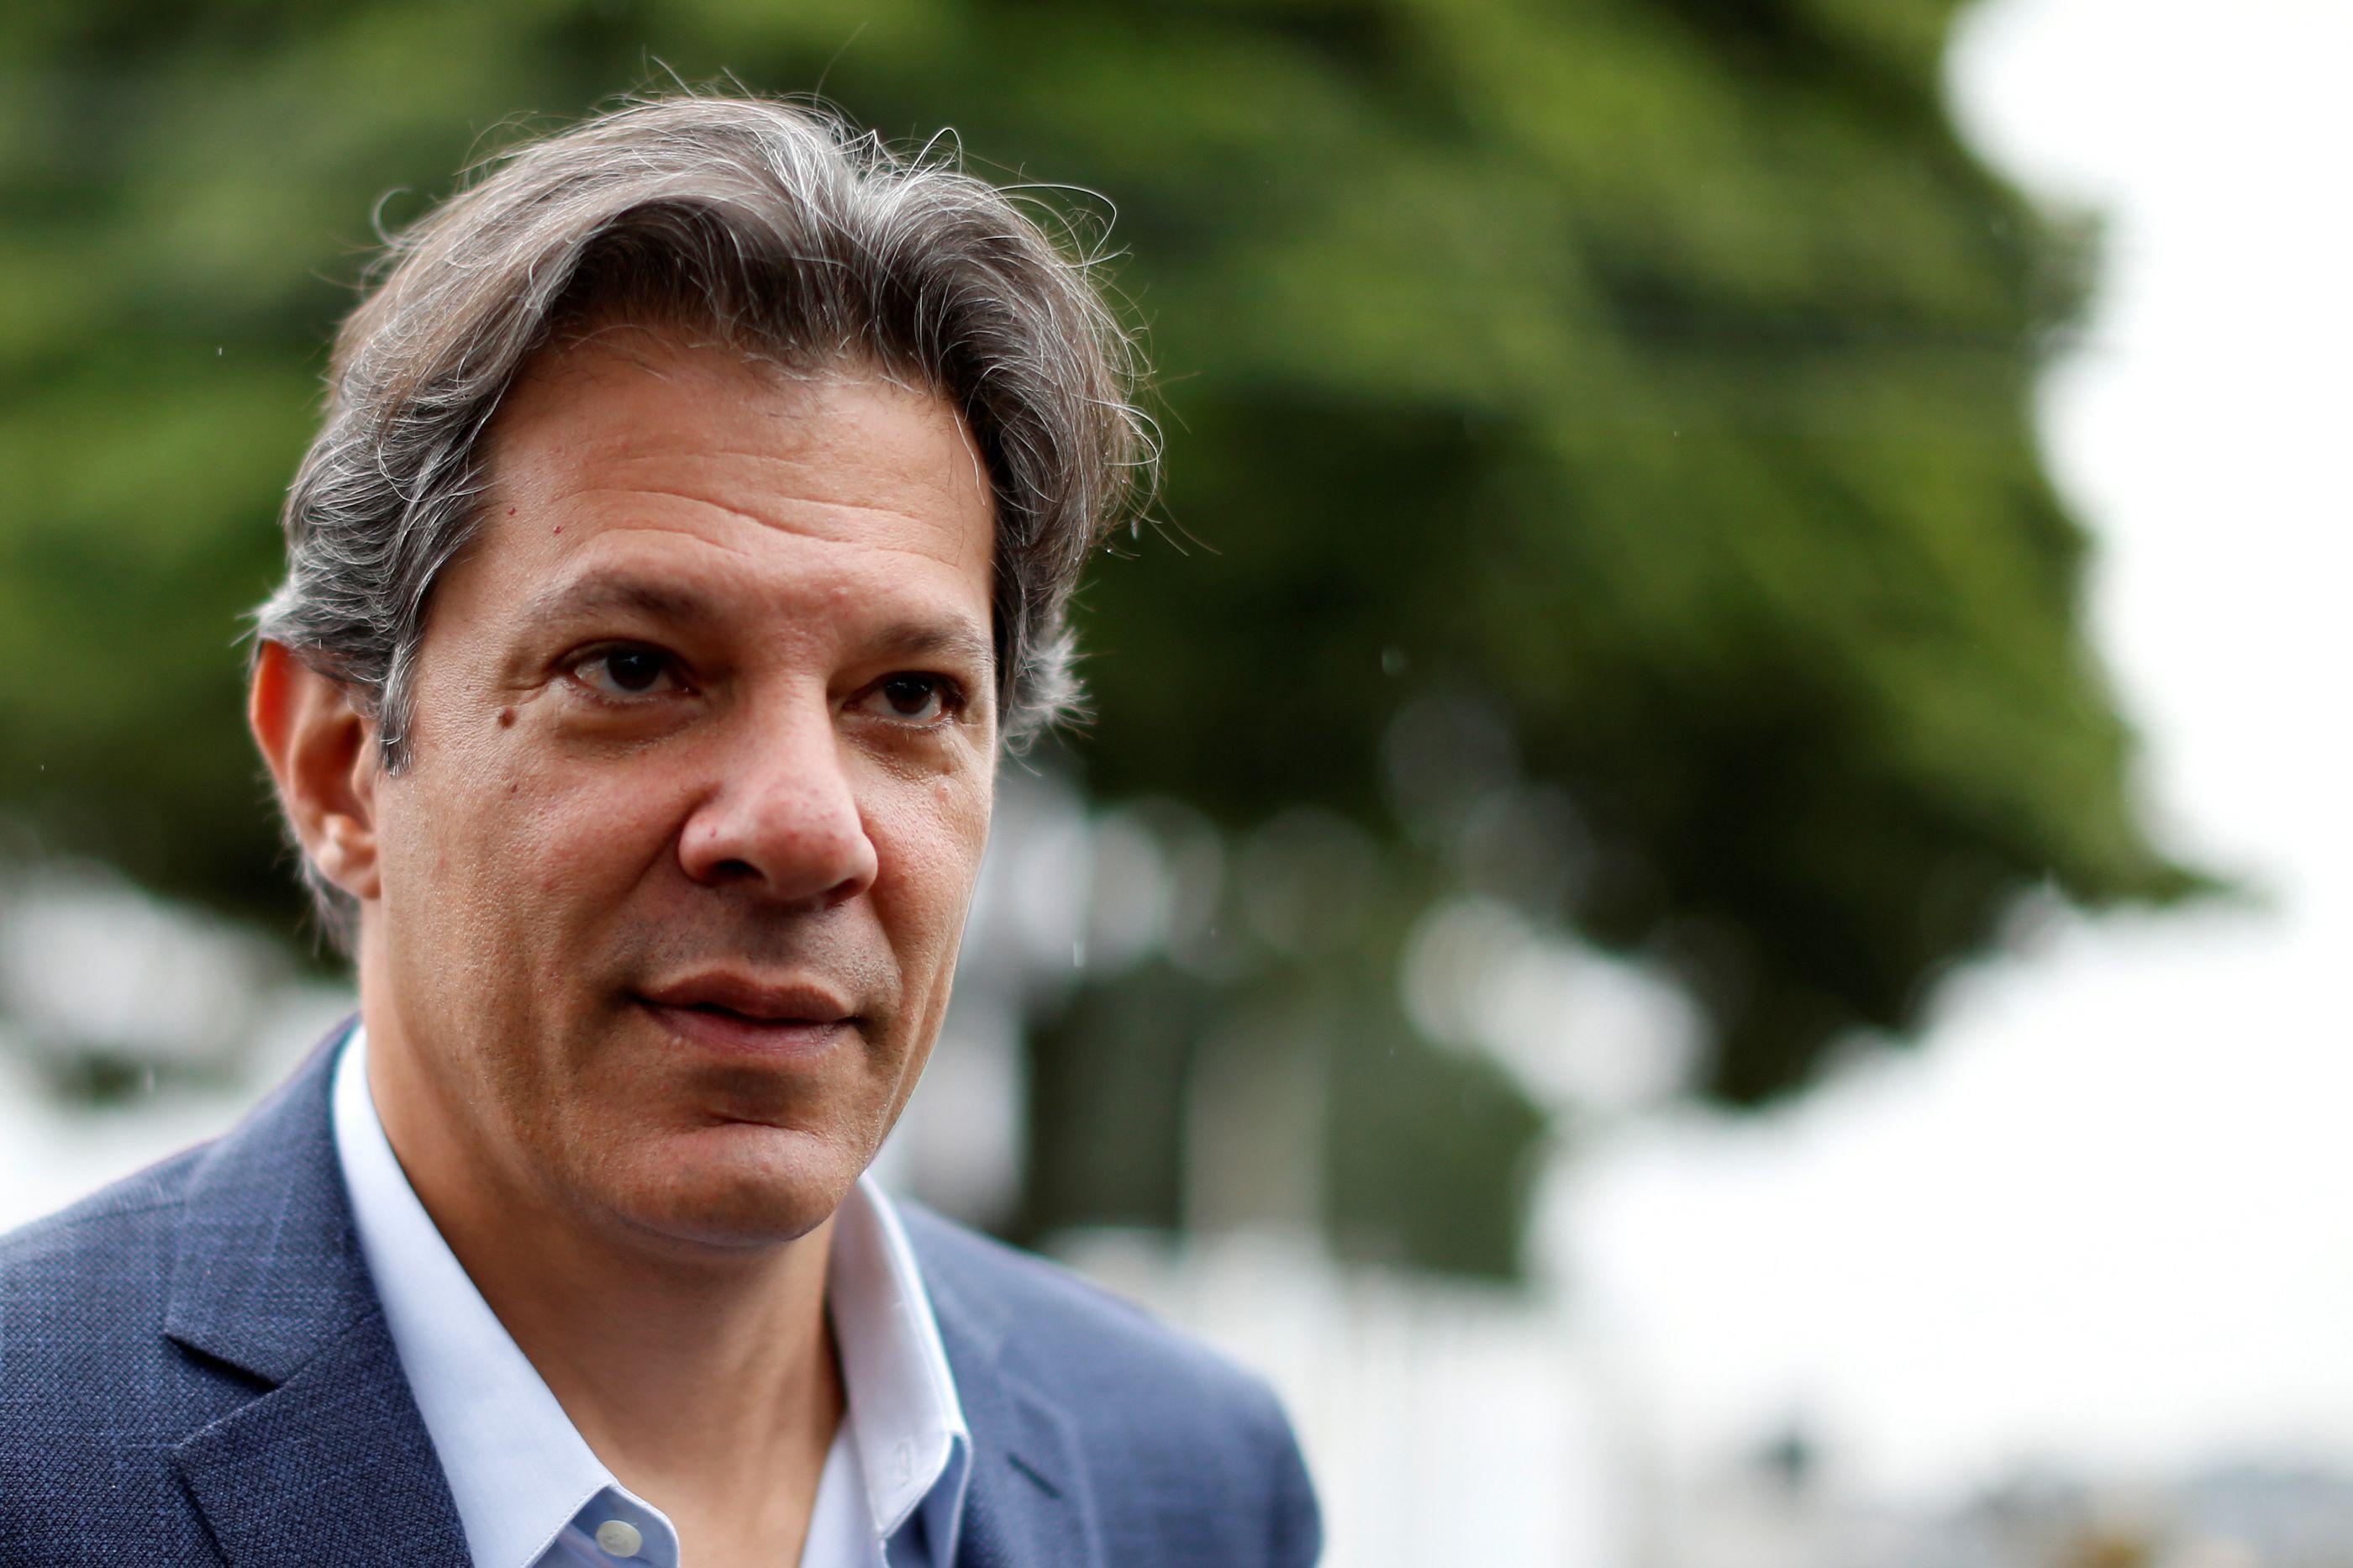 Haddad dá os parabéns a Bolsonaro, deseja boa sorte e deixa apelo